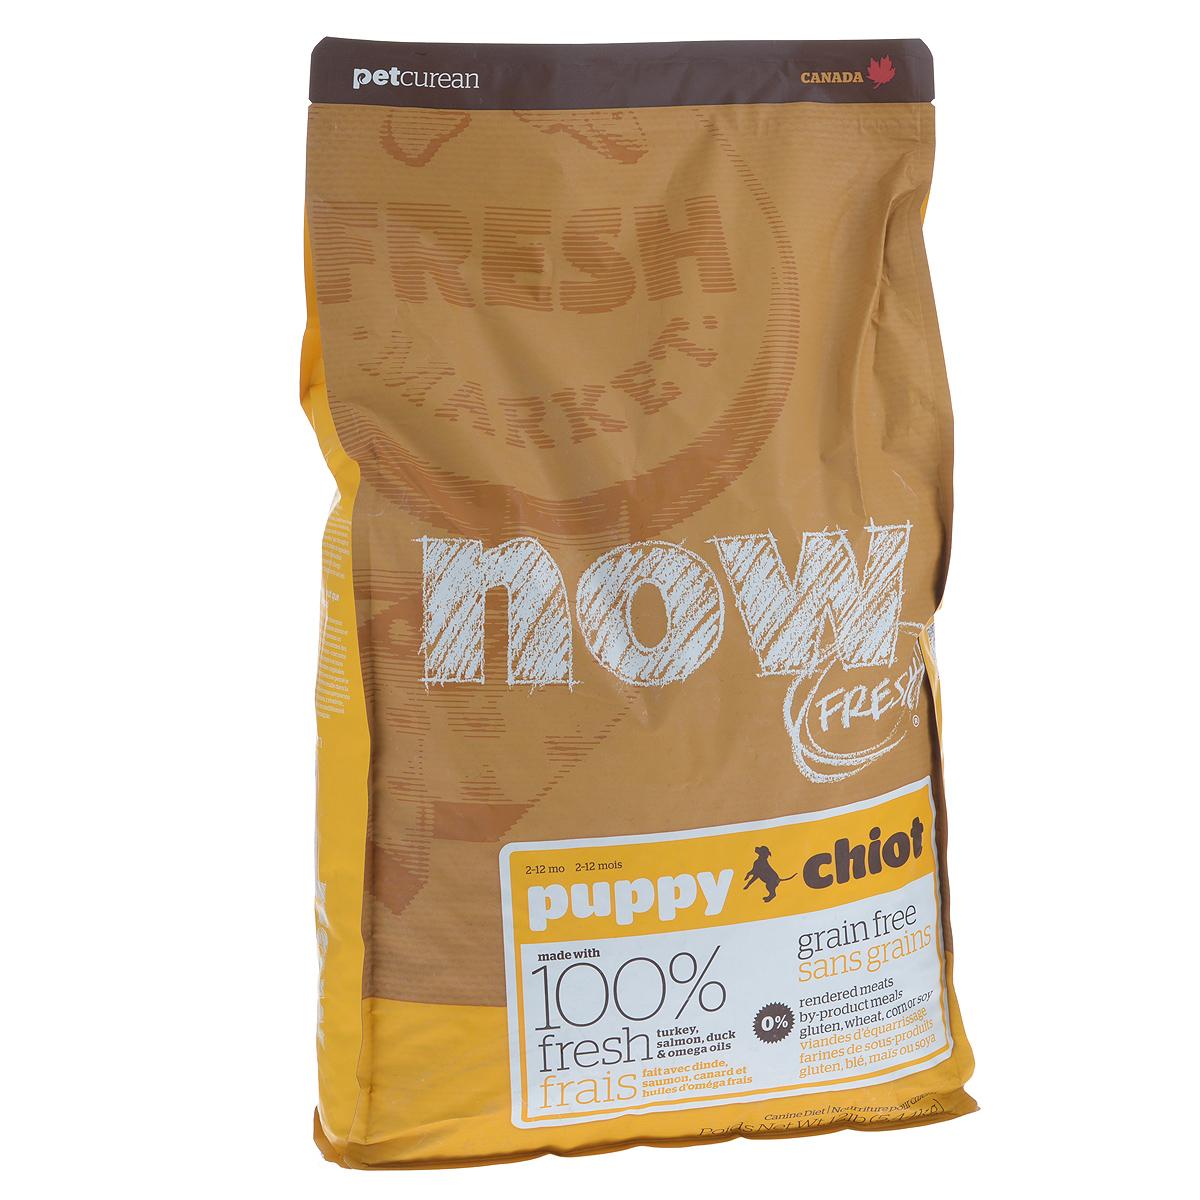 Корм сухой Now Fresh для щенков, беззерновой, с индейкой, уткой и овощами, 5,44 кг10110Now Fresh - полностью сбалансированный холистик корм для щенков всех пород из филе индейки, утки и лосося. Это первый беззерновой корм со сбалансированным содержание белков и жиров. Ключевые преимущества: - не содержит субпродуктов, красителей, говядины, мясных ингредиентов, выращенных на гормонах, - омега-масла в составе необходимы для здоровой кожи и шерсти, - пробиотики и пребиотики обеспечивают здоровое пищеварение, - антиоксиданты укрепляют иммунную систему. Состав: филе индейки, картофель, горох, свежие цельные яйца, томаты, масло канолы (источник витамина Е), семена льна, натуральный ароматизатор, филе лосося, утиное филе, кокосовое масло (источник витамина Е), яблоки, морковь, тыква, бананы, черника, клюква, малина, ежевика, папайя, ананас, грейпфрут, чечевица, брокколи, шпинат, творог, ростки люцерны, дикальций фосфат, люцерна, карбонат кальция, фосфорная кислота, натрия хлорид, лецитин, хлорид калия, DL-метионин,...